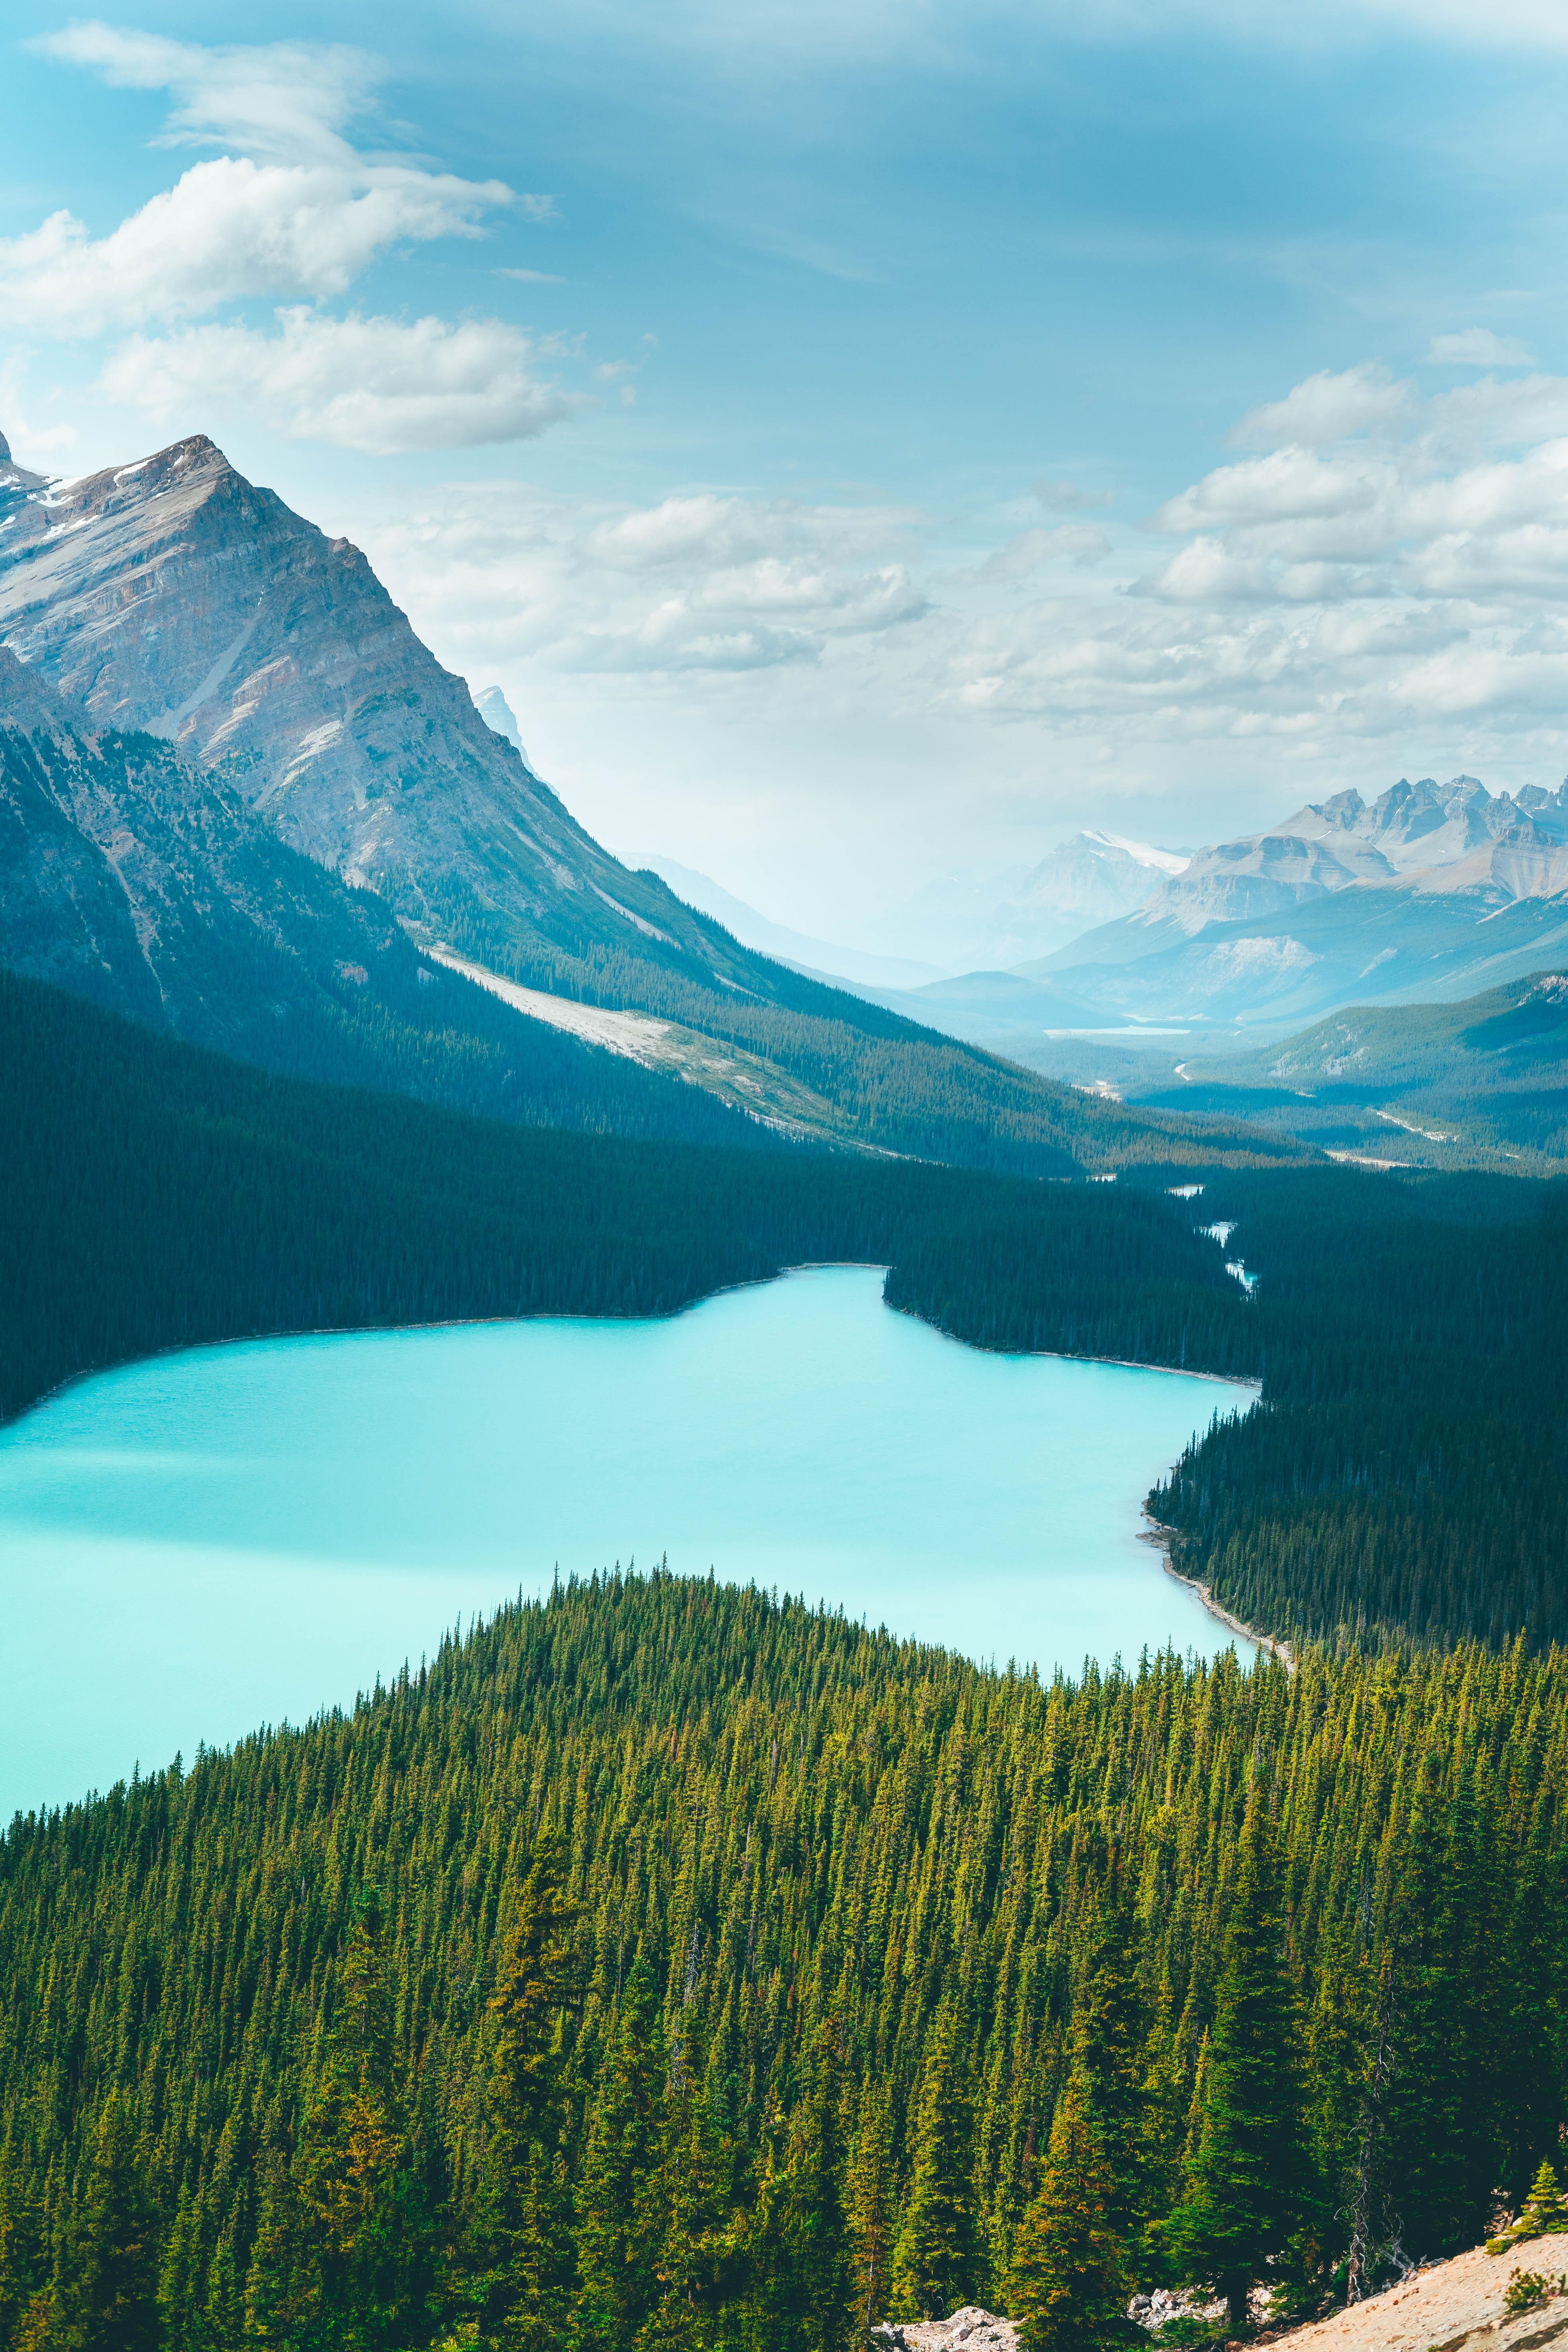 151331 скачать обои Лес, Вода, Природа, Деревья, Горы, Озеро - заставки и картинки бесплатно